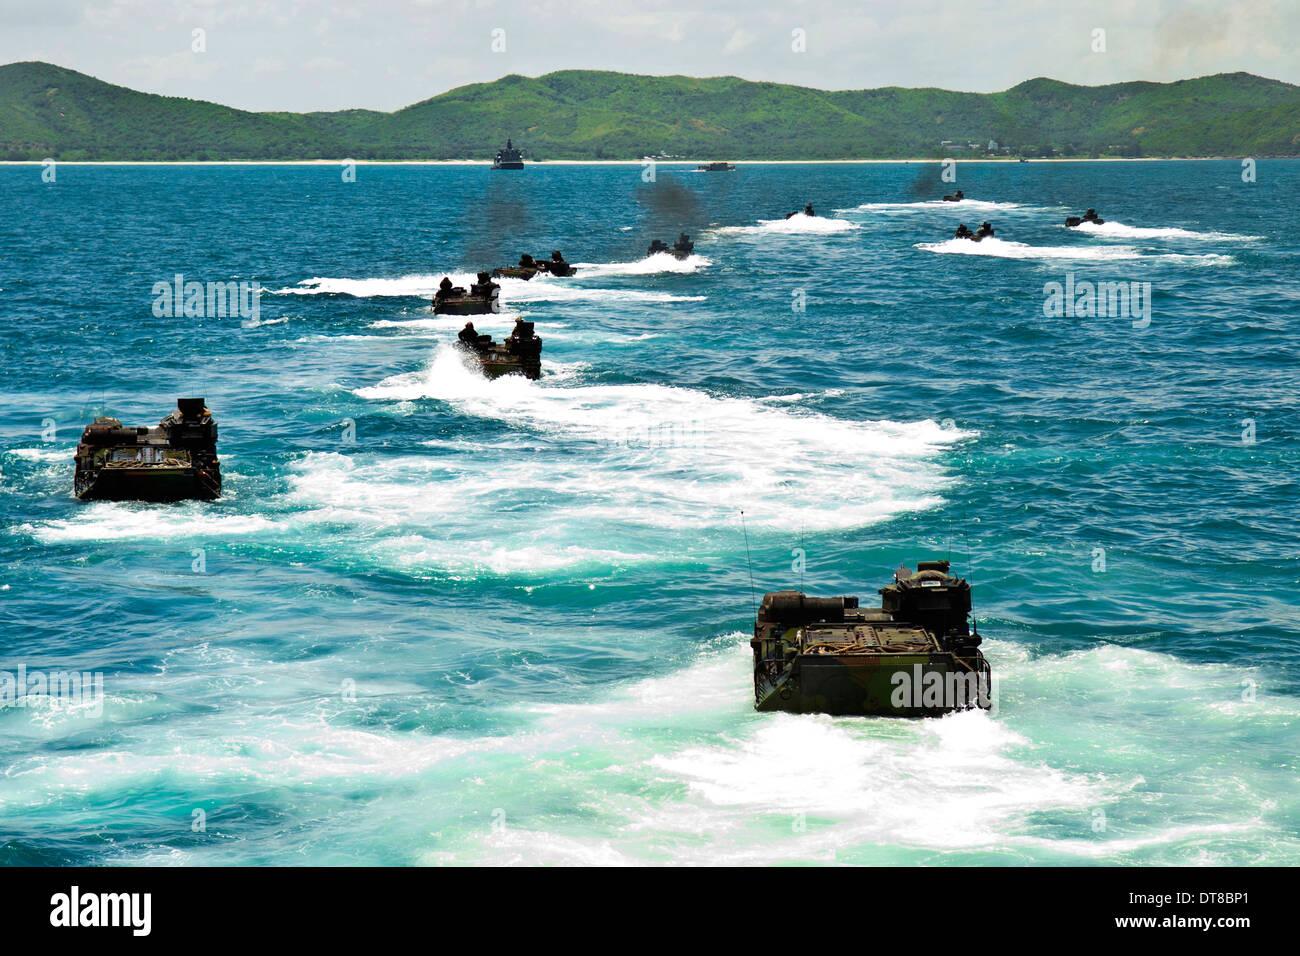 Vehículos de asalto anfibio enfoque playa Hat Yao, Tailandia. Imagen De Stock